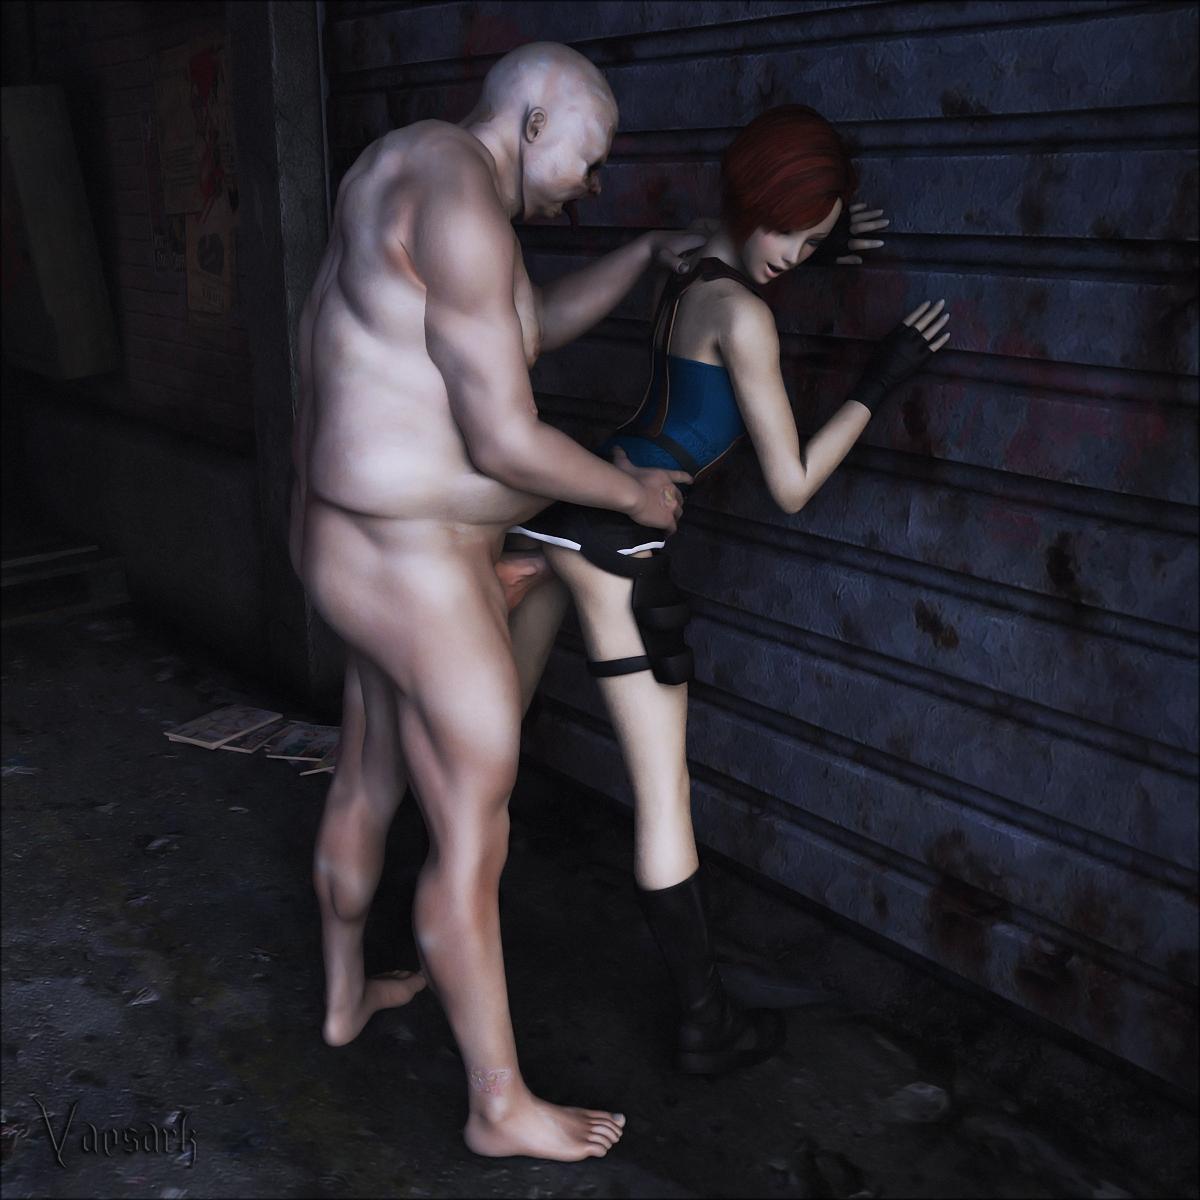 Sexvilla 3d jill valentine nude pics